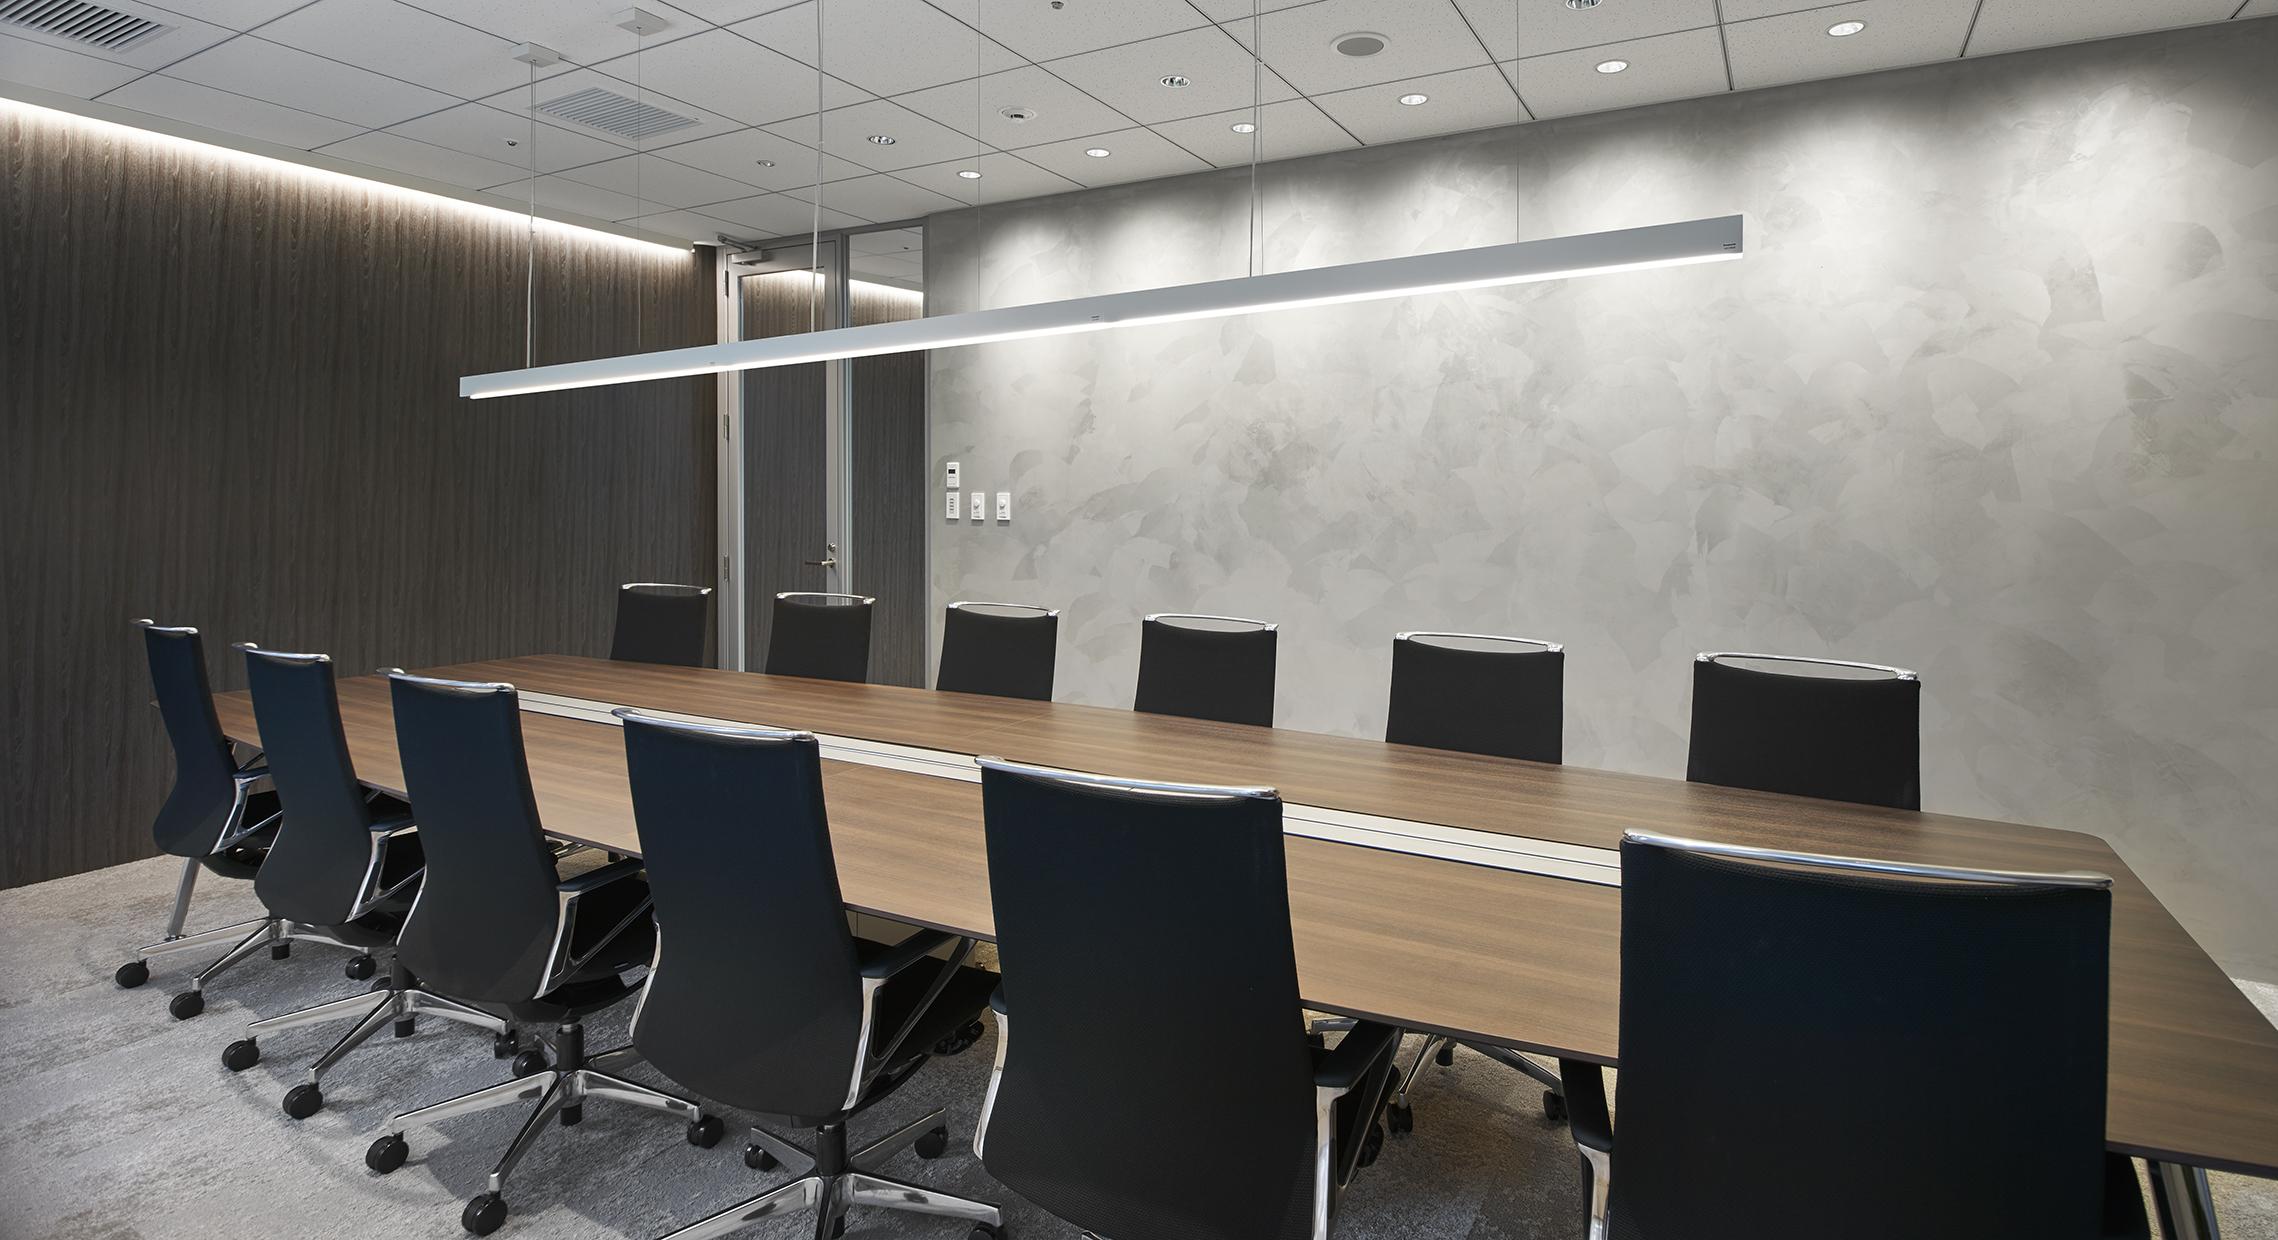 防音性にこだわった、重厚感あるおしゃれな法律事務所のオフィスデザイン事例